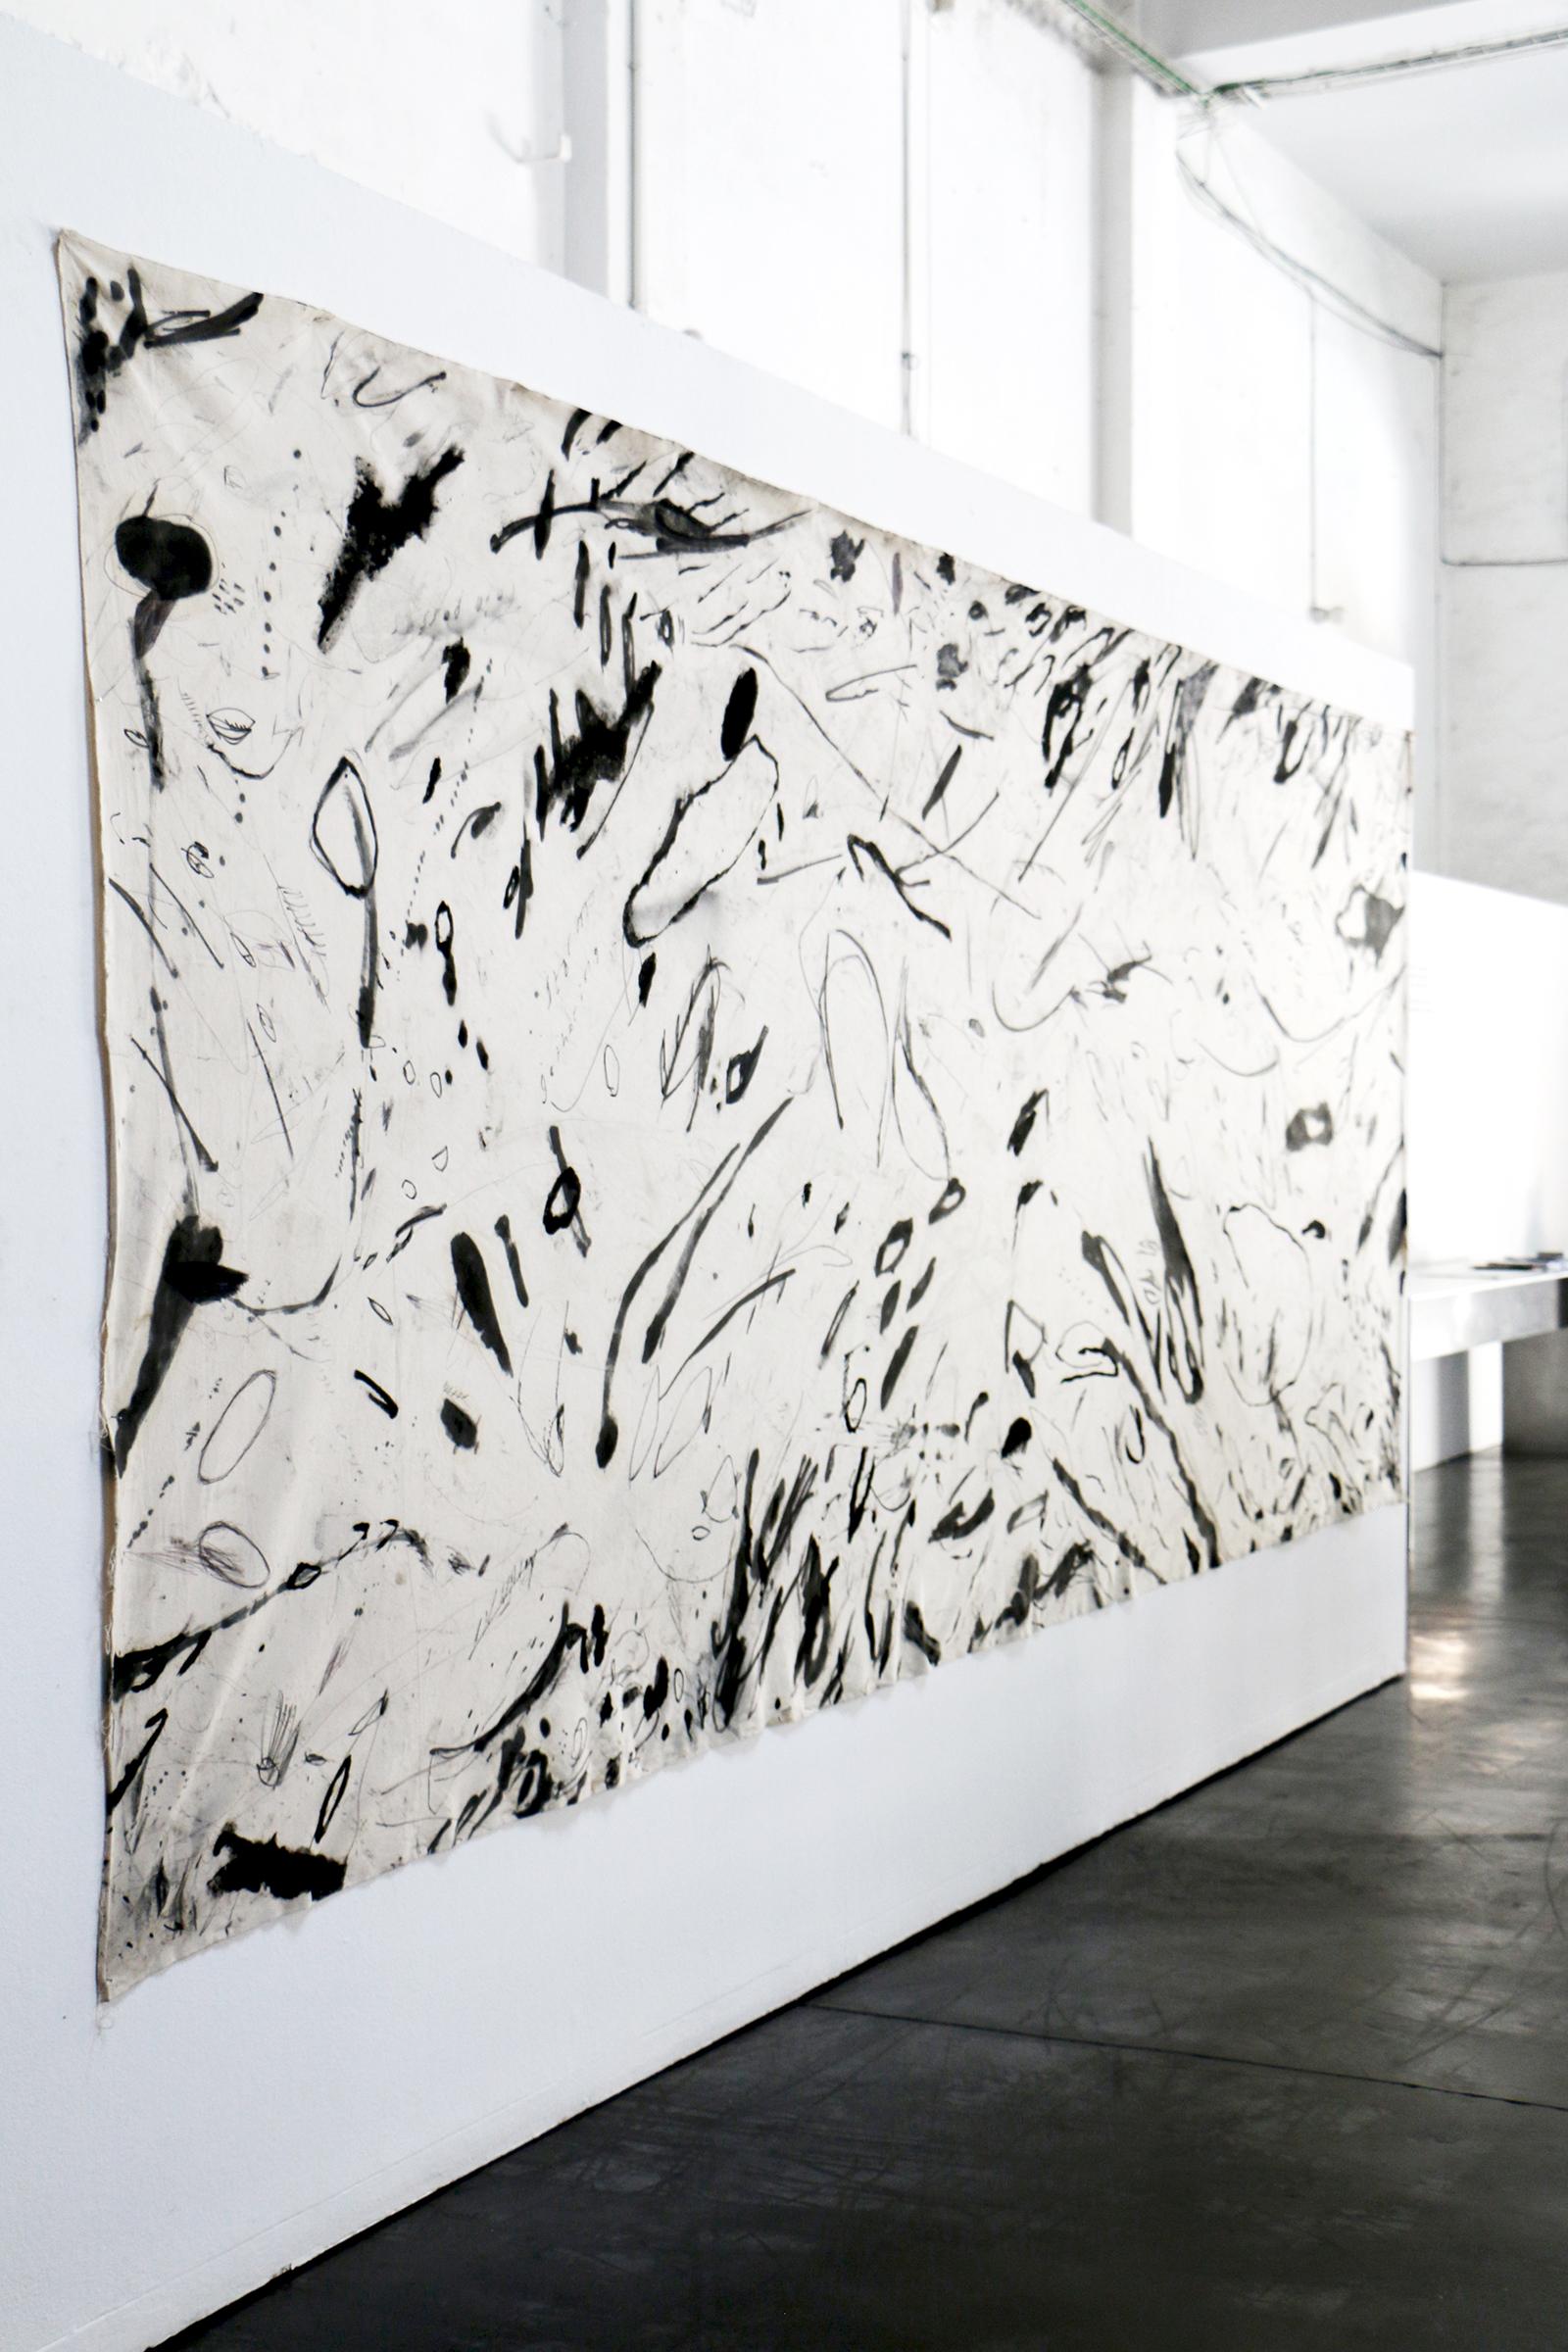 5 meter painting image 2.JPG